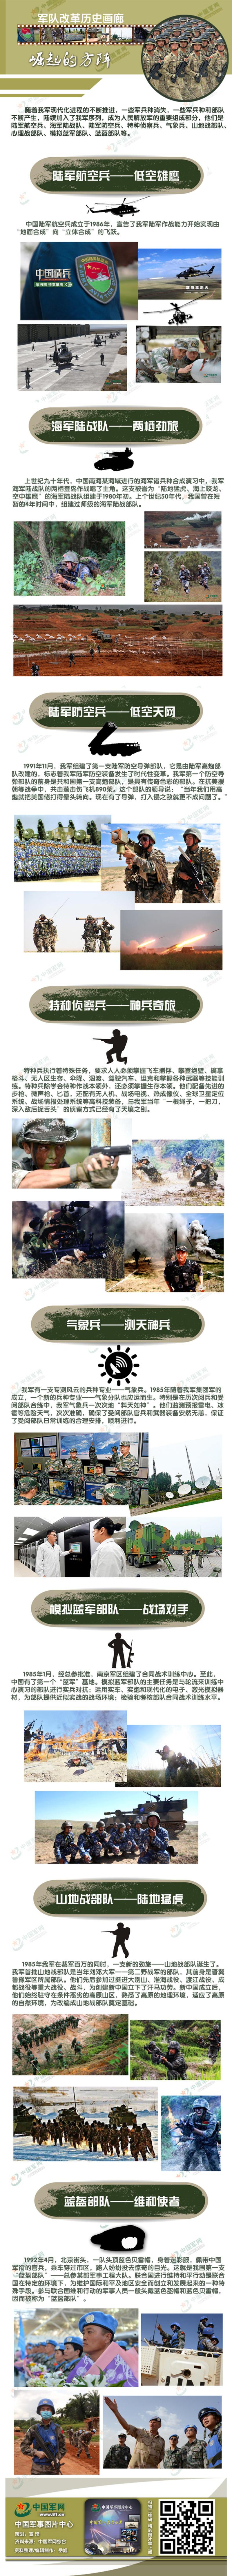 图解:军队改革历史画廊——崛起的方阵 - 纳兰容若 - 纳兰容若